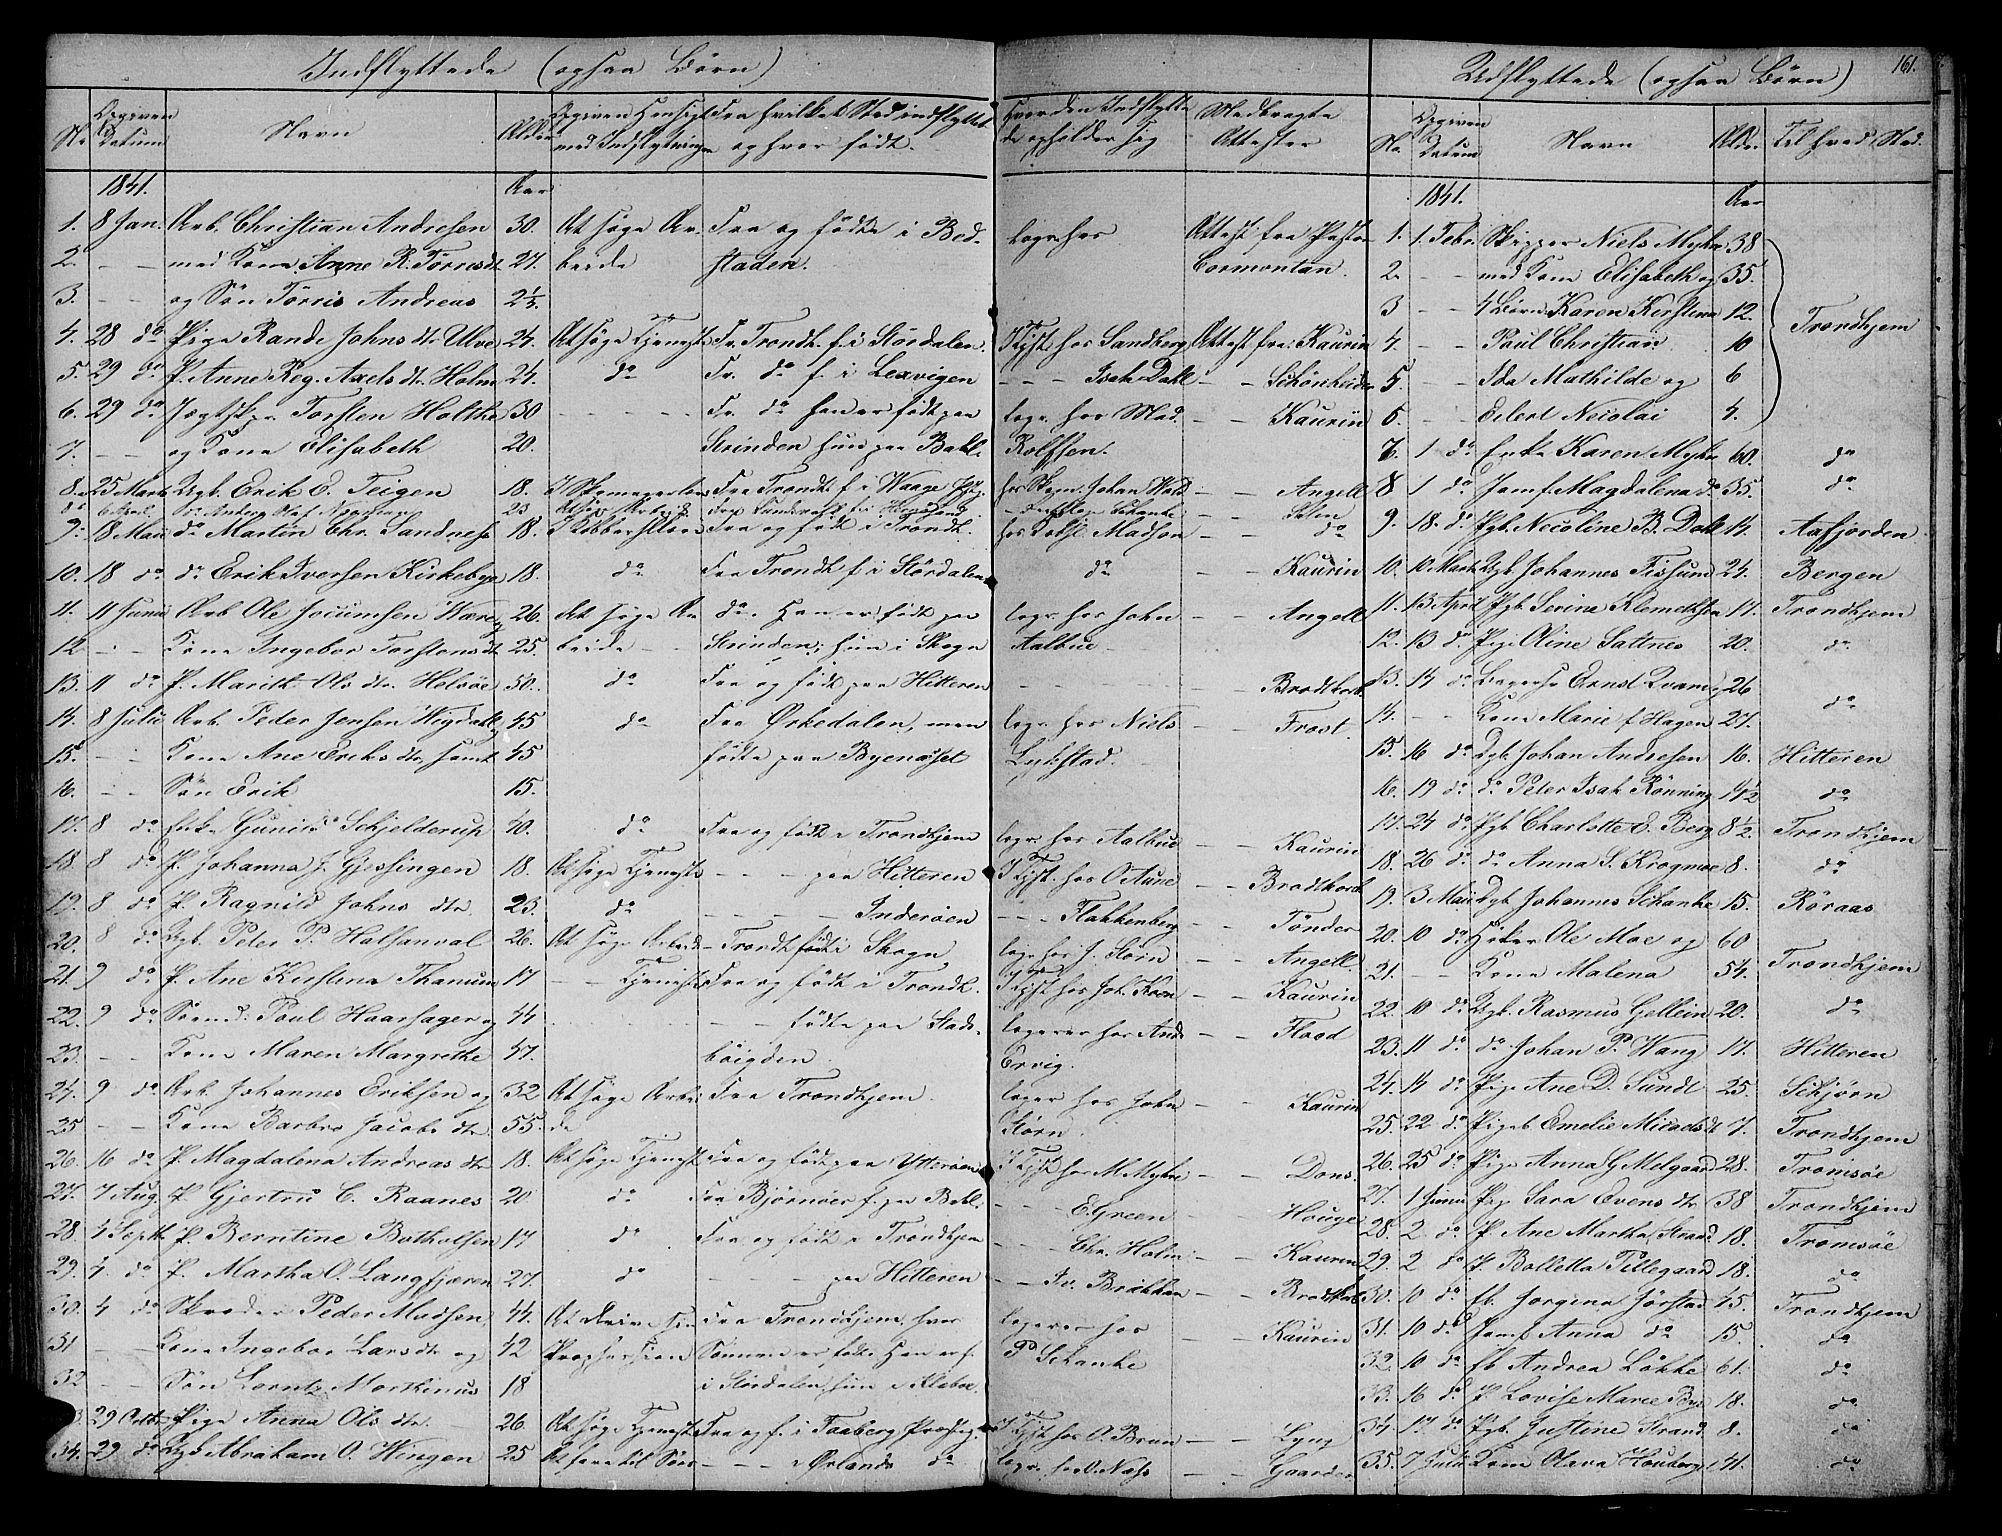 SAT, Ministerialprotokoller, klokkerbøker og fødselsregistre - Sør-Trøndelag, 604/L0182: Ministerialbok nr. 604A03, 1818-1850, s. 161